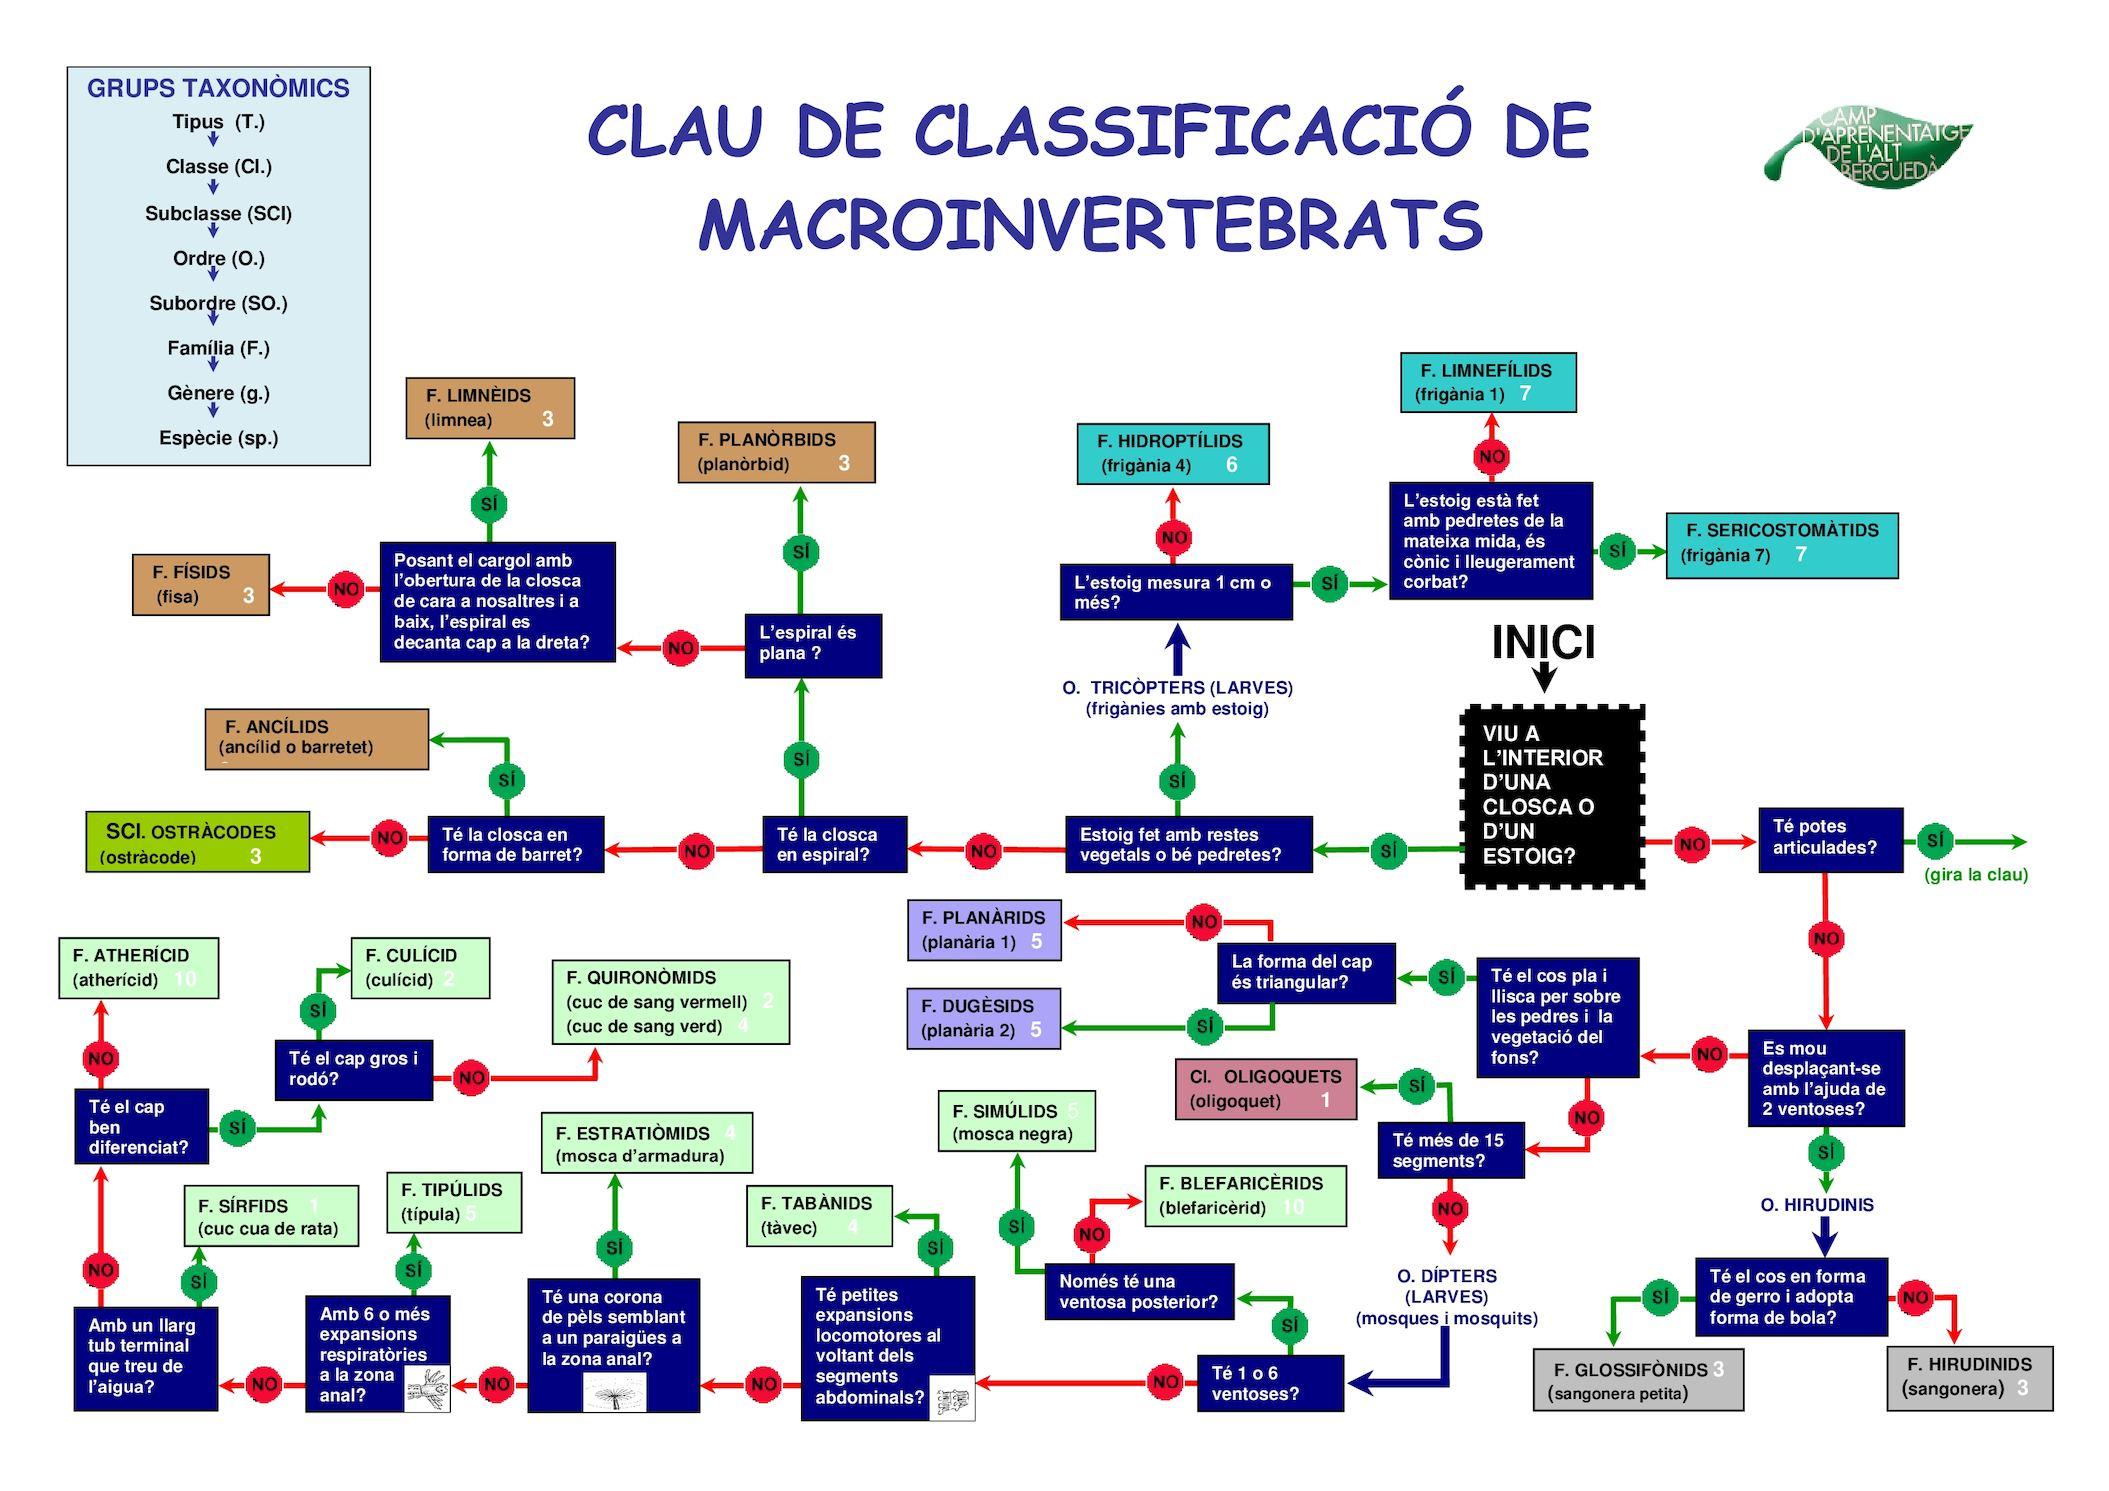 Clau Dicotomica